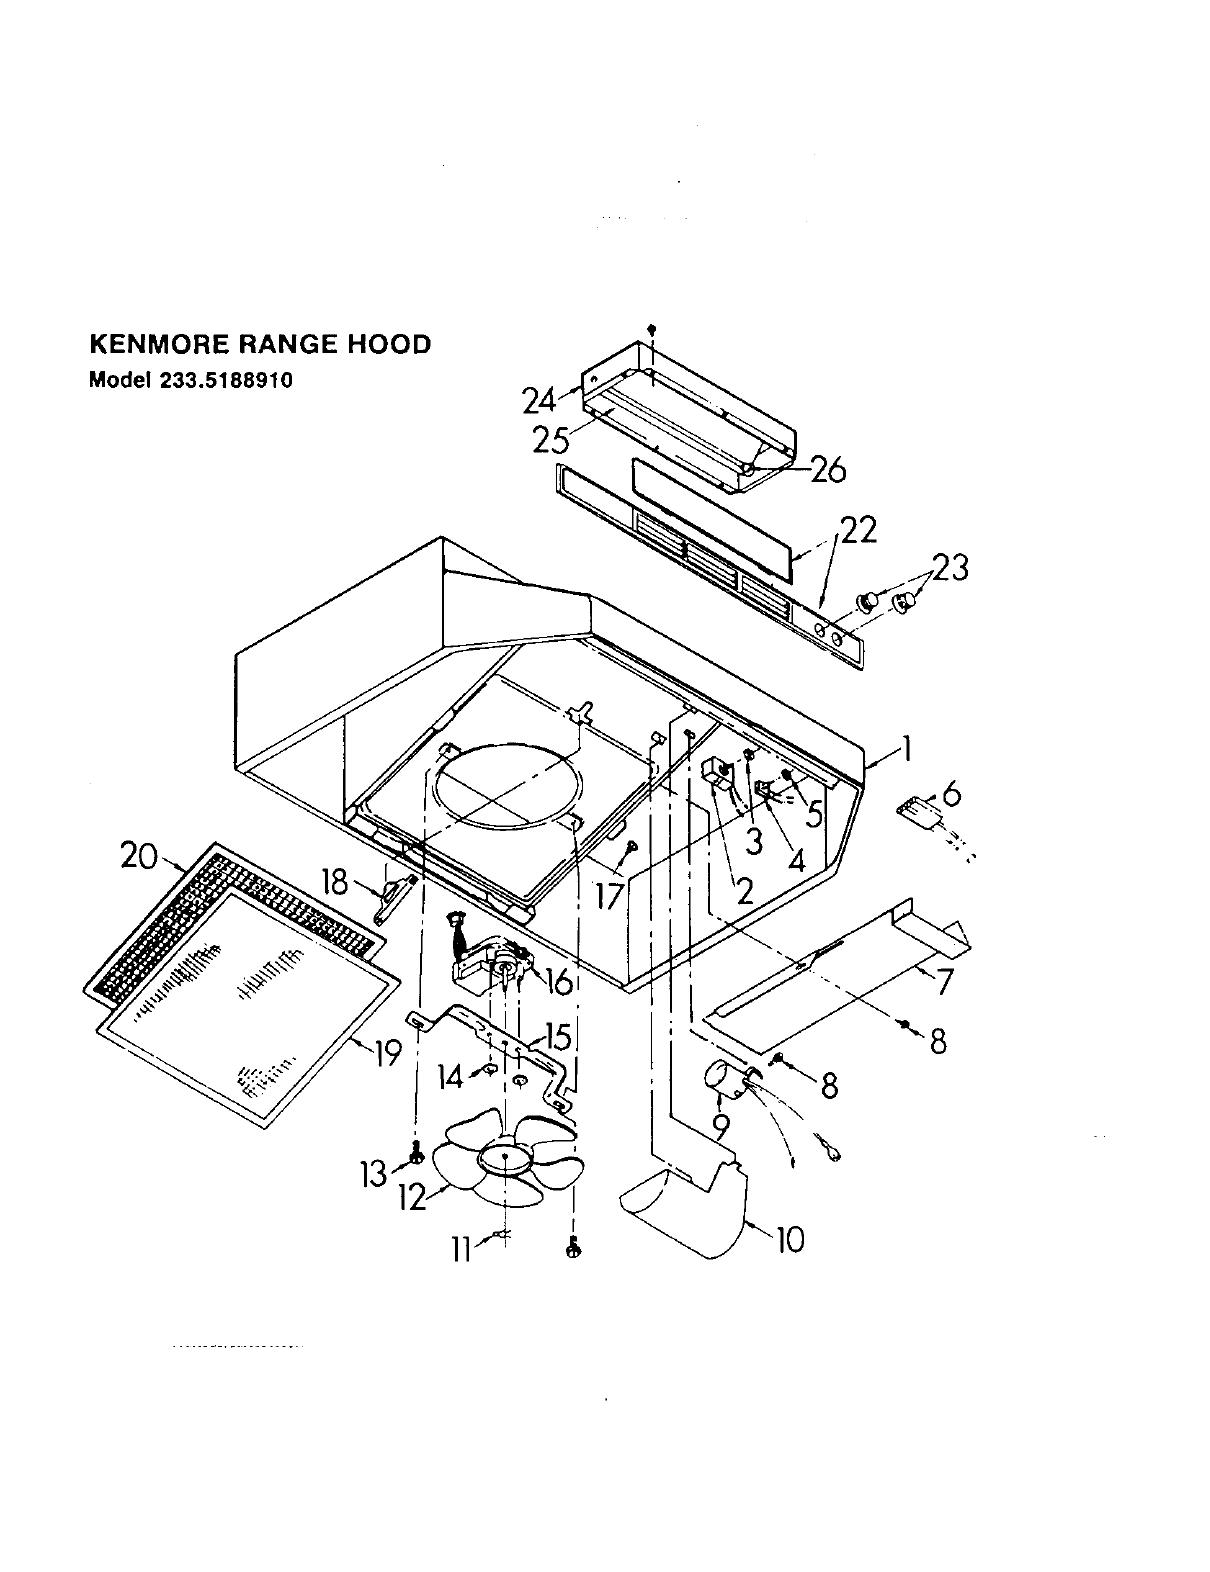 [DIAGRAM_5UK]  Kenmore 23351898 User Manual RANGE HOOD Manuals And Guides L0050008 | Wiring Diagram For A Range Hood |  | UserManual.wiki